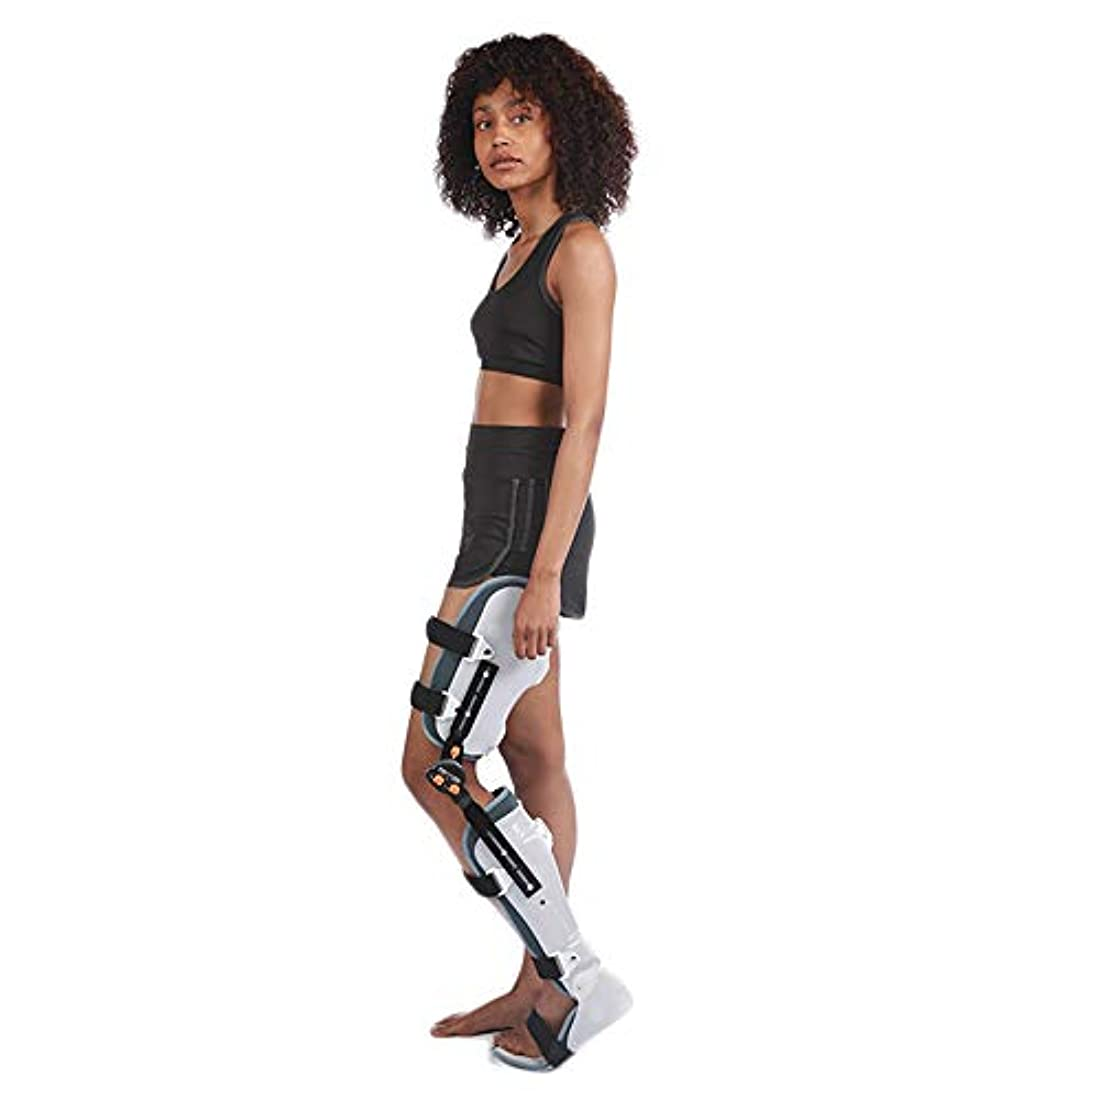 非難コードレス段落膝足首足装具、調節可能な長短脂肪の薄い膝ふくらはぎ術後固定リハビリテーションブレースブラケット